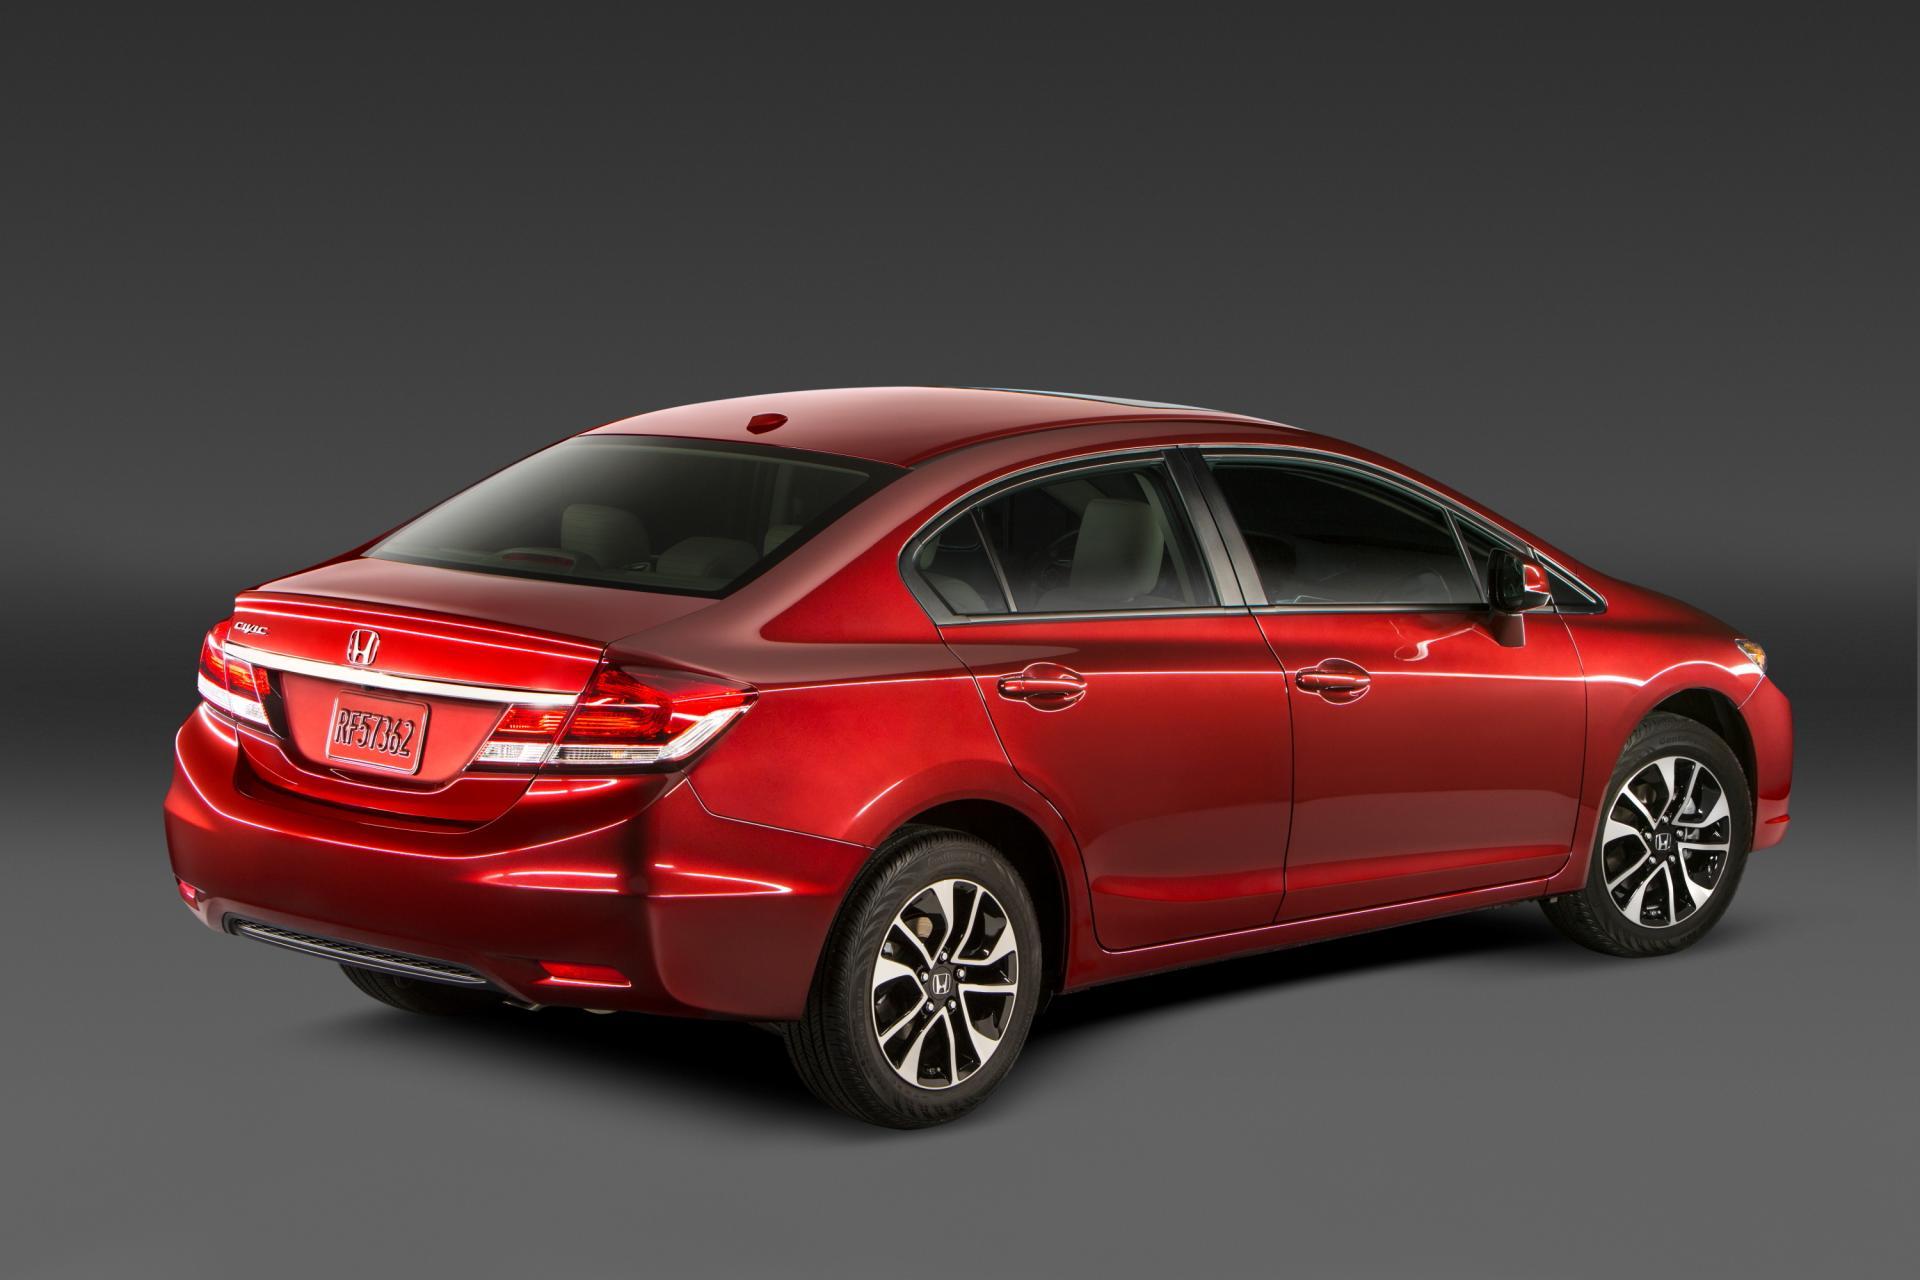 Honda Civic Cars HD Photos & images